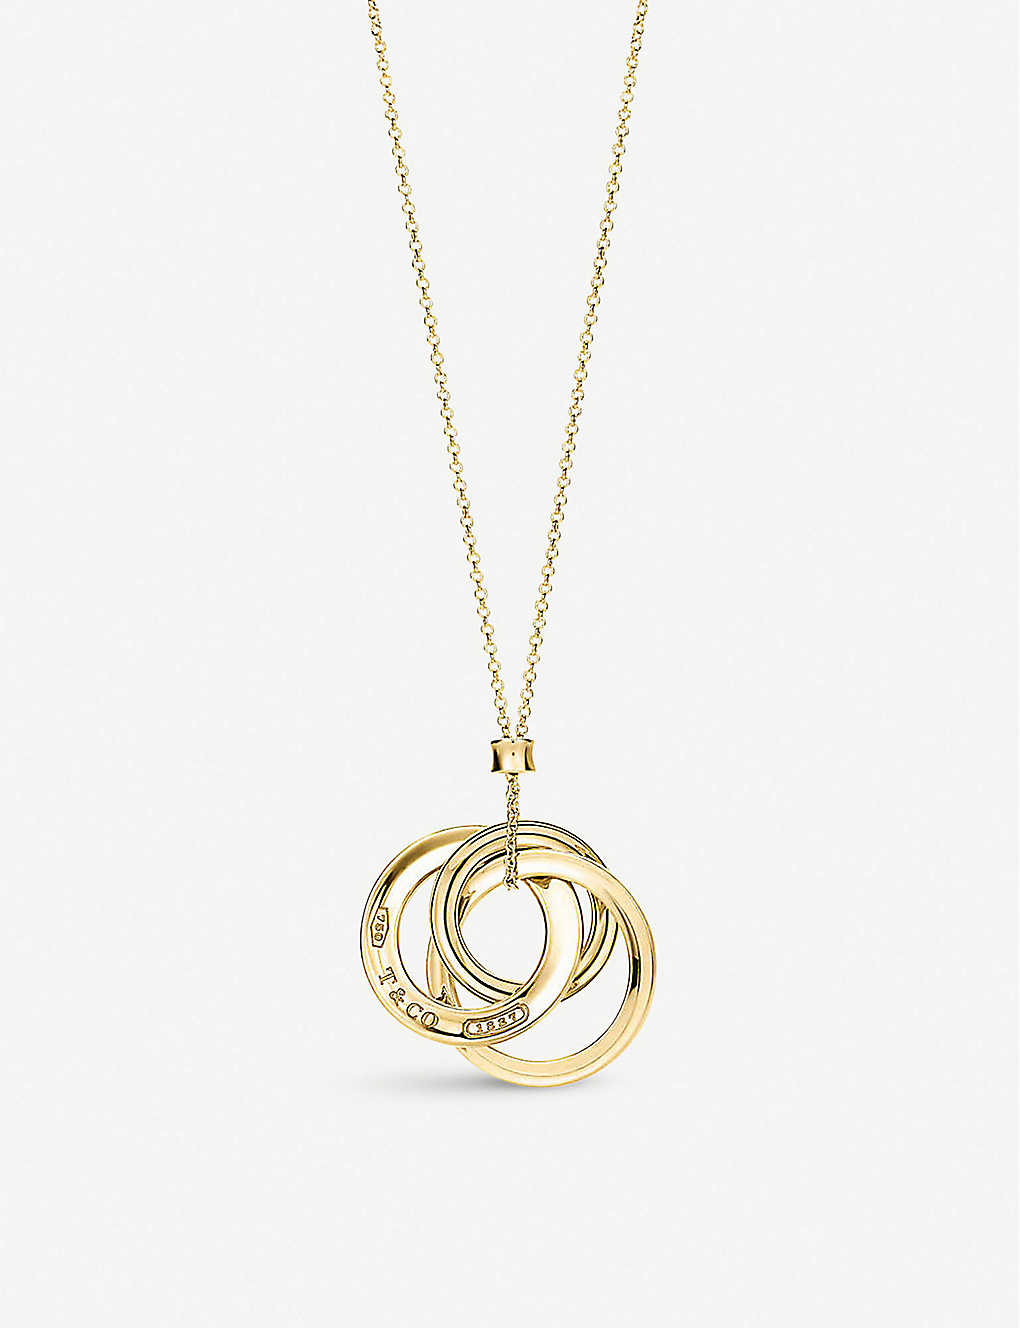 318487d94b482 TIFFANY & CO - Tiffany 1837 interlocking circles pendant in 18k gold ...